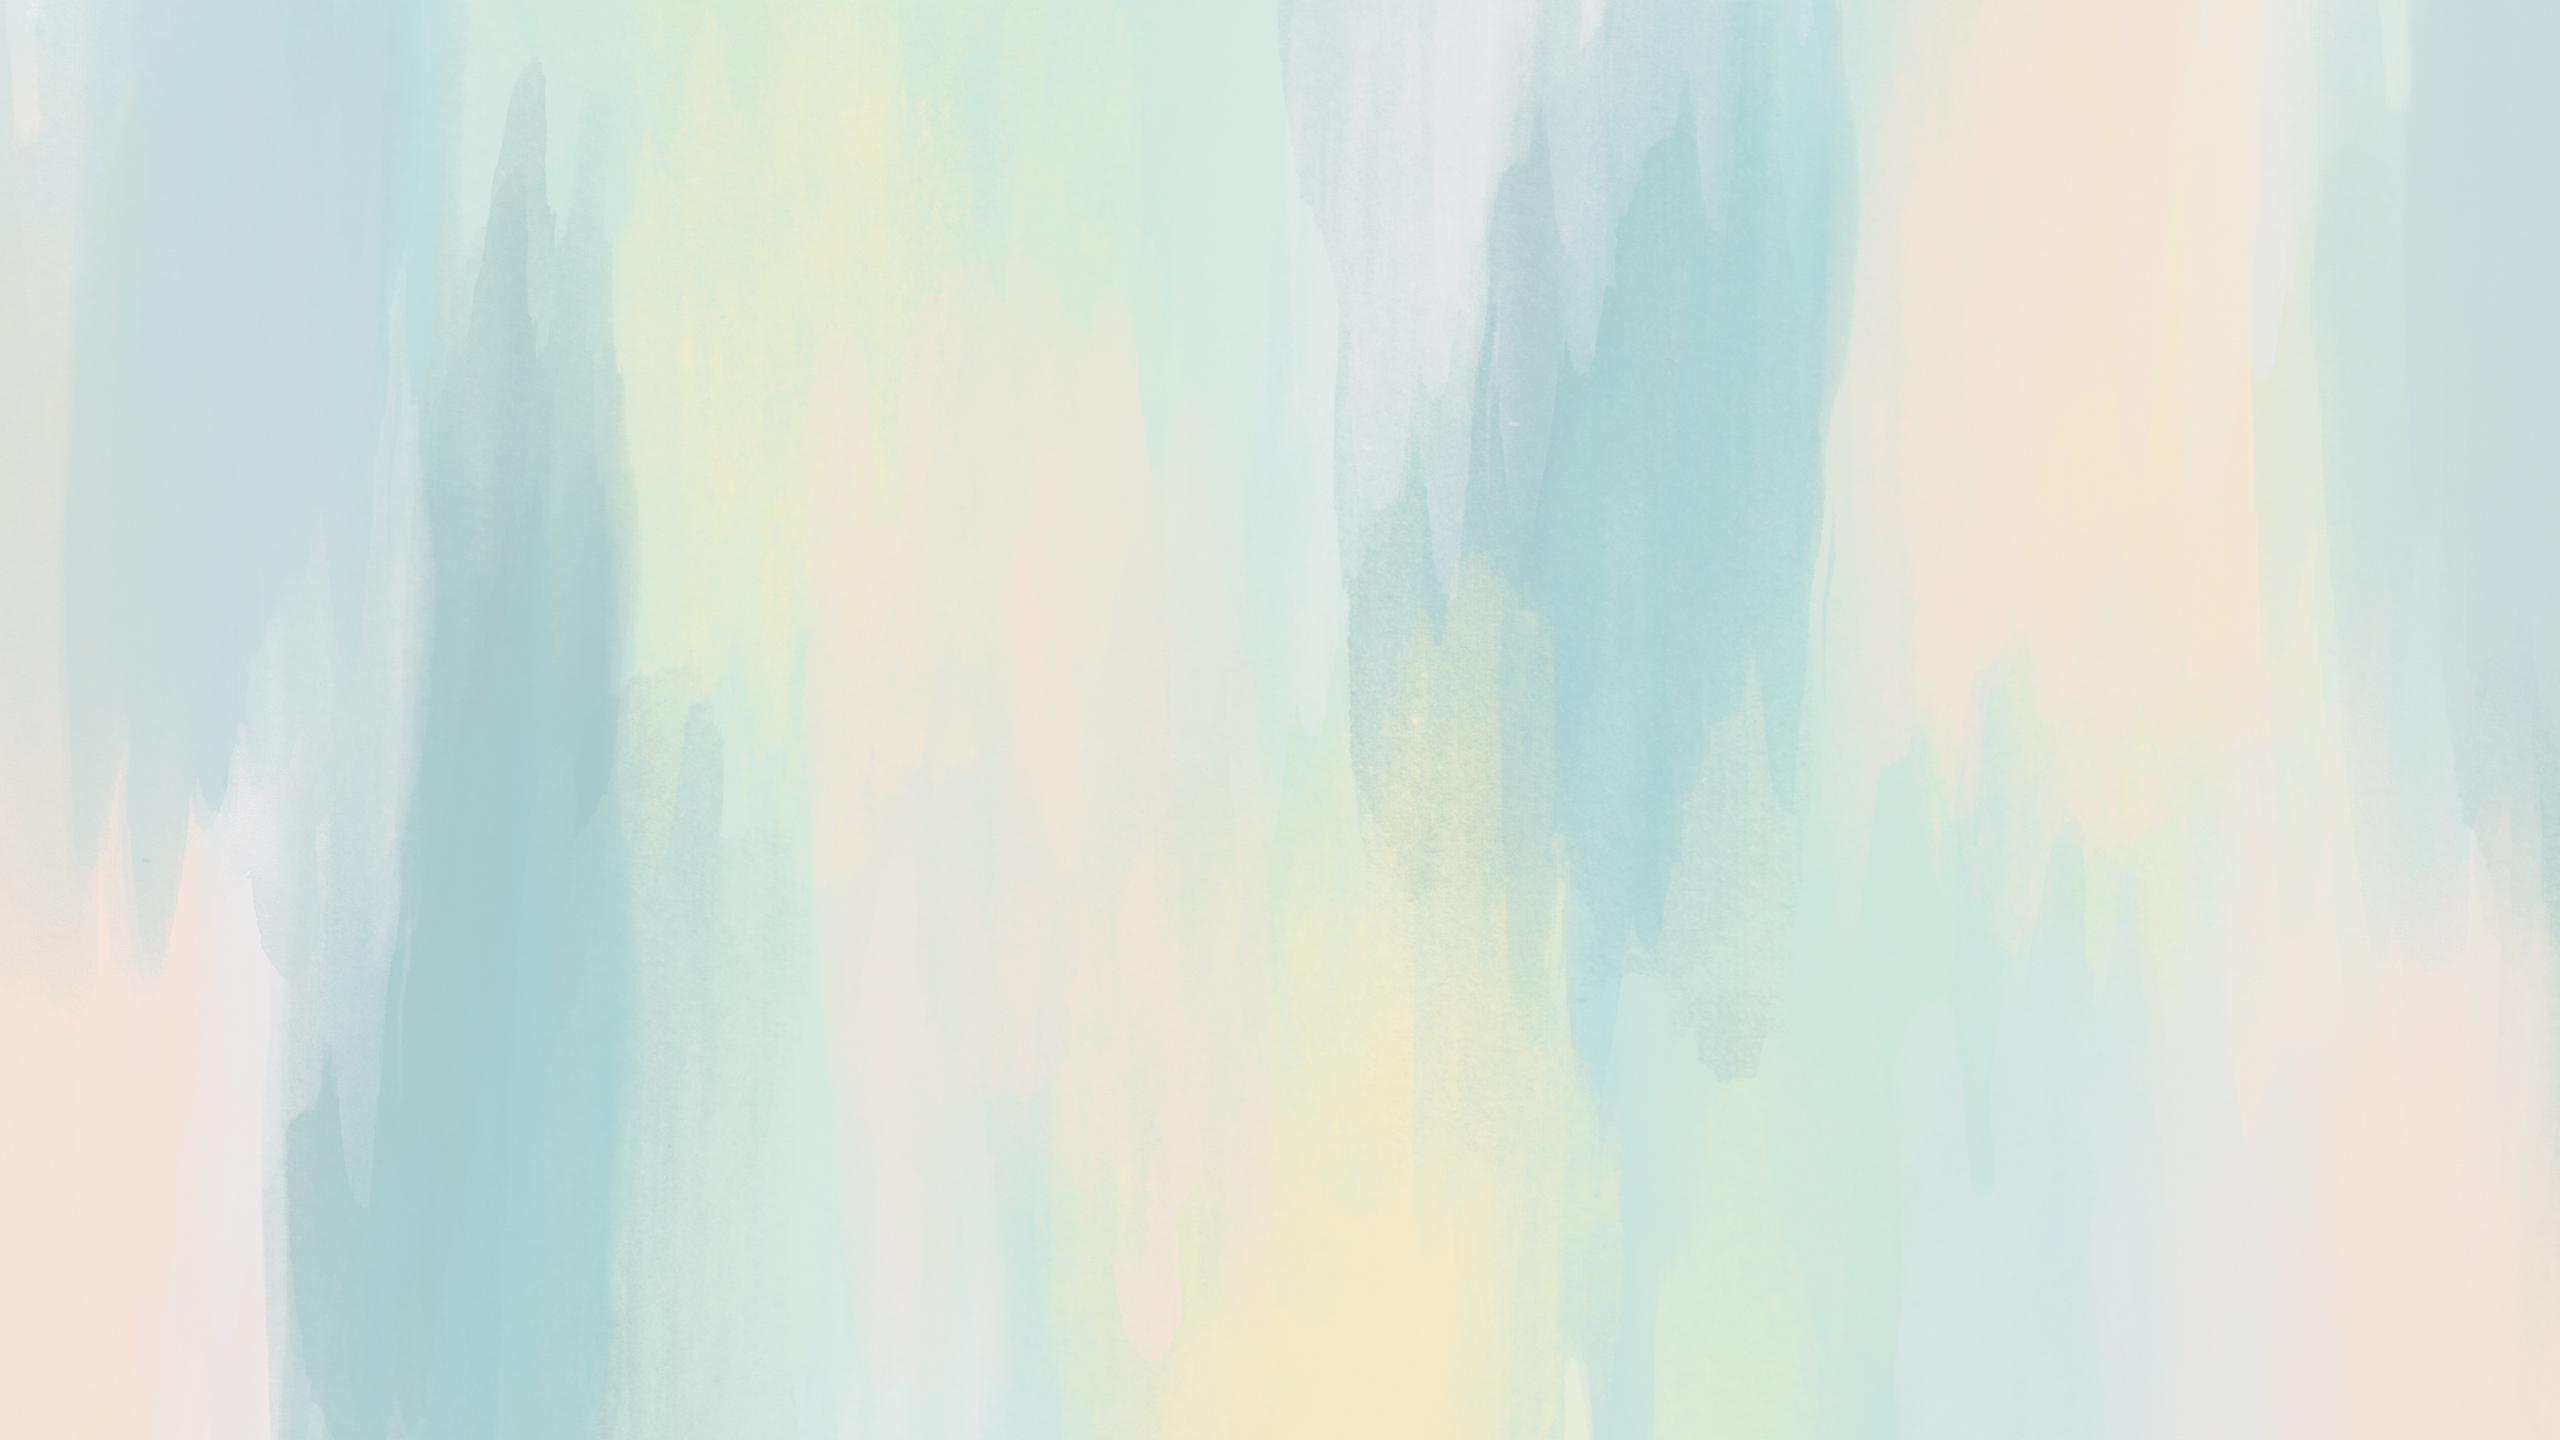 Pastel Watercolor Wallpaper At Getdrawings Com Free For